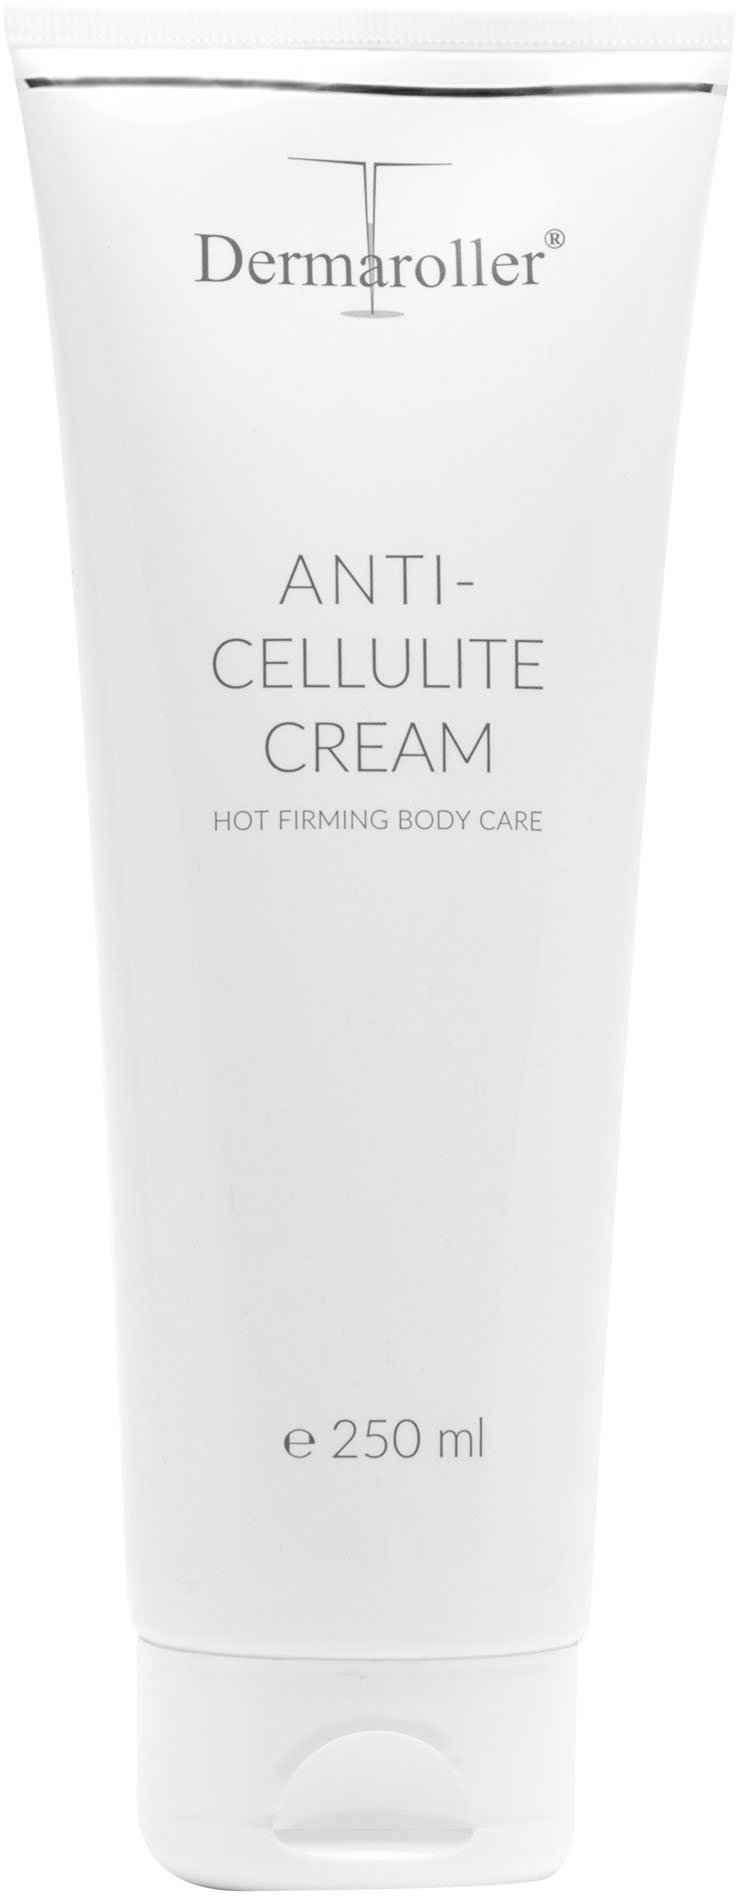 Dermaroller Körpergel »Anti-Cellulite Cream«